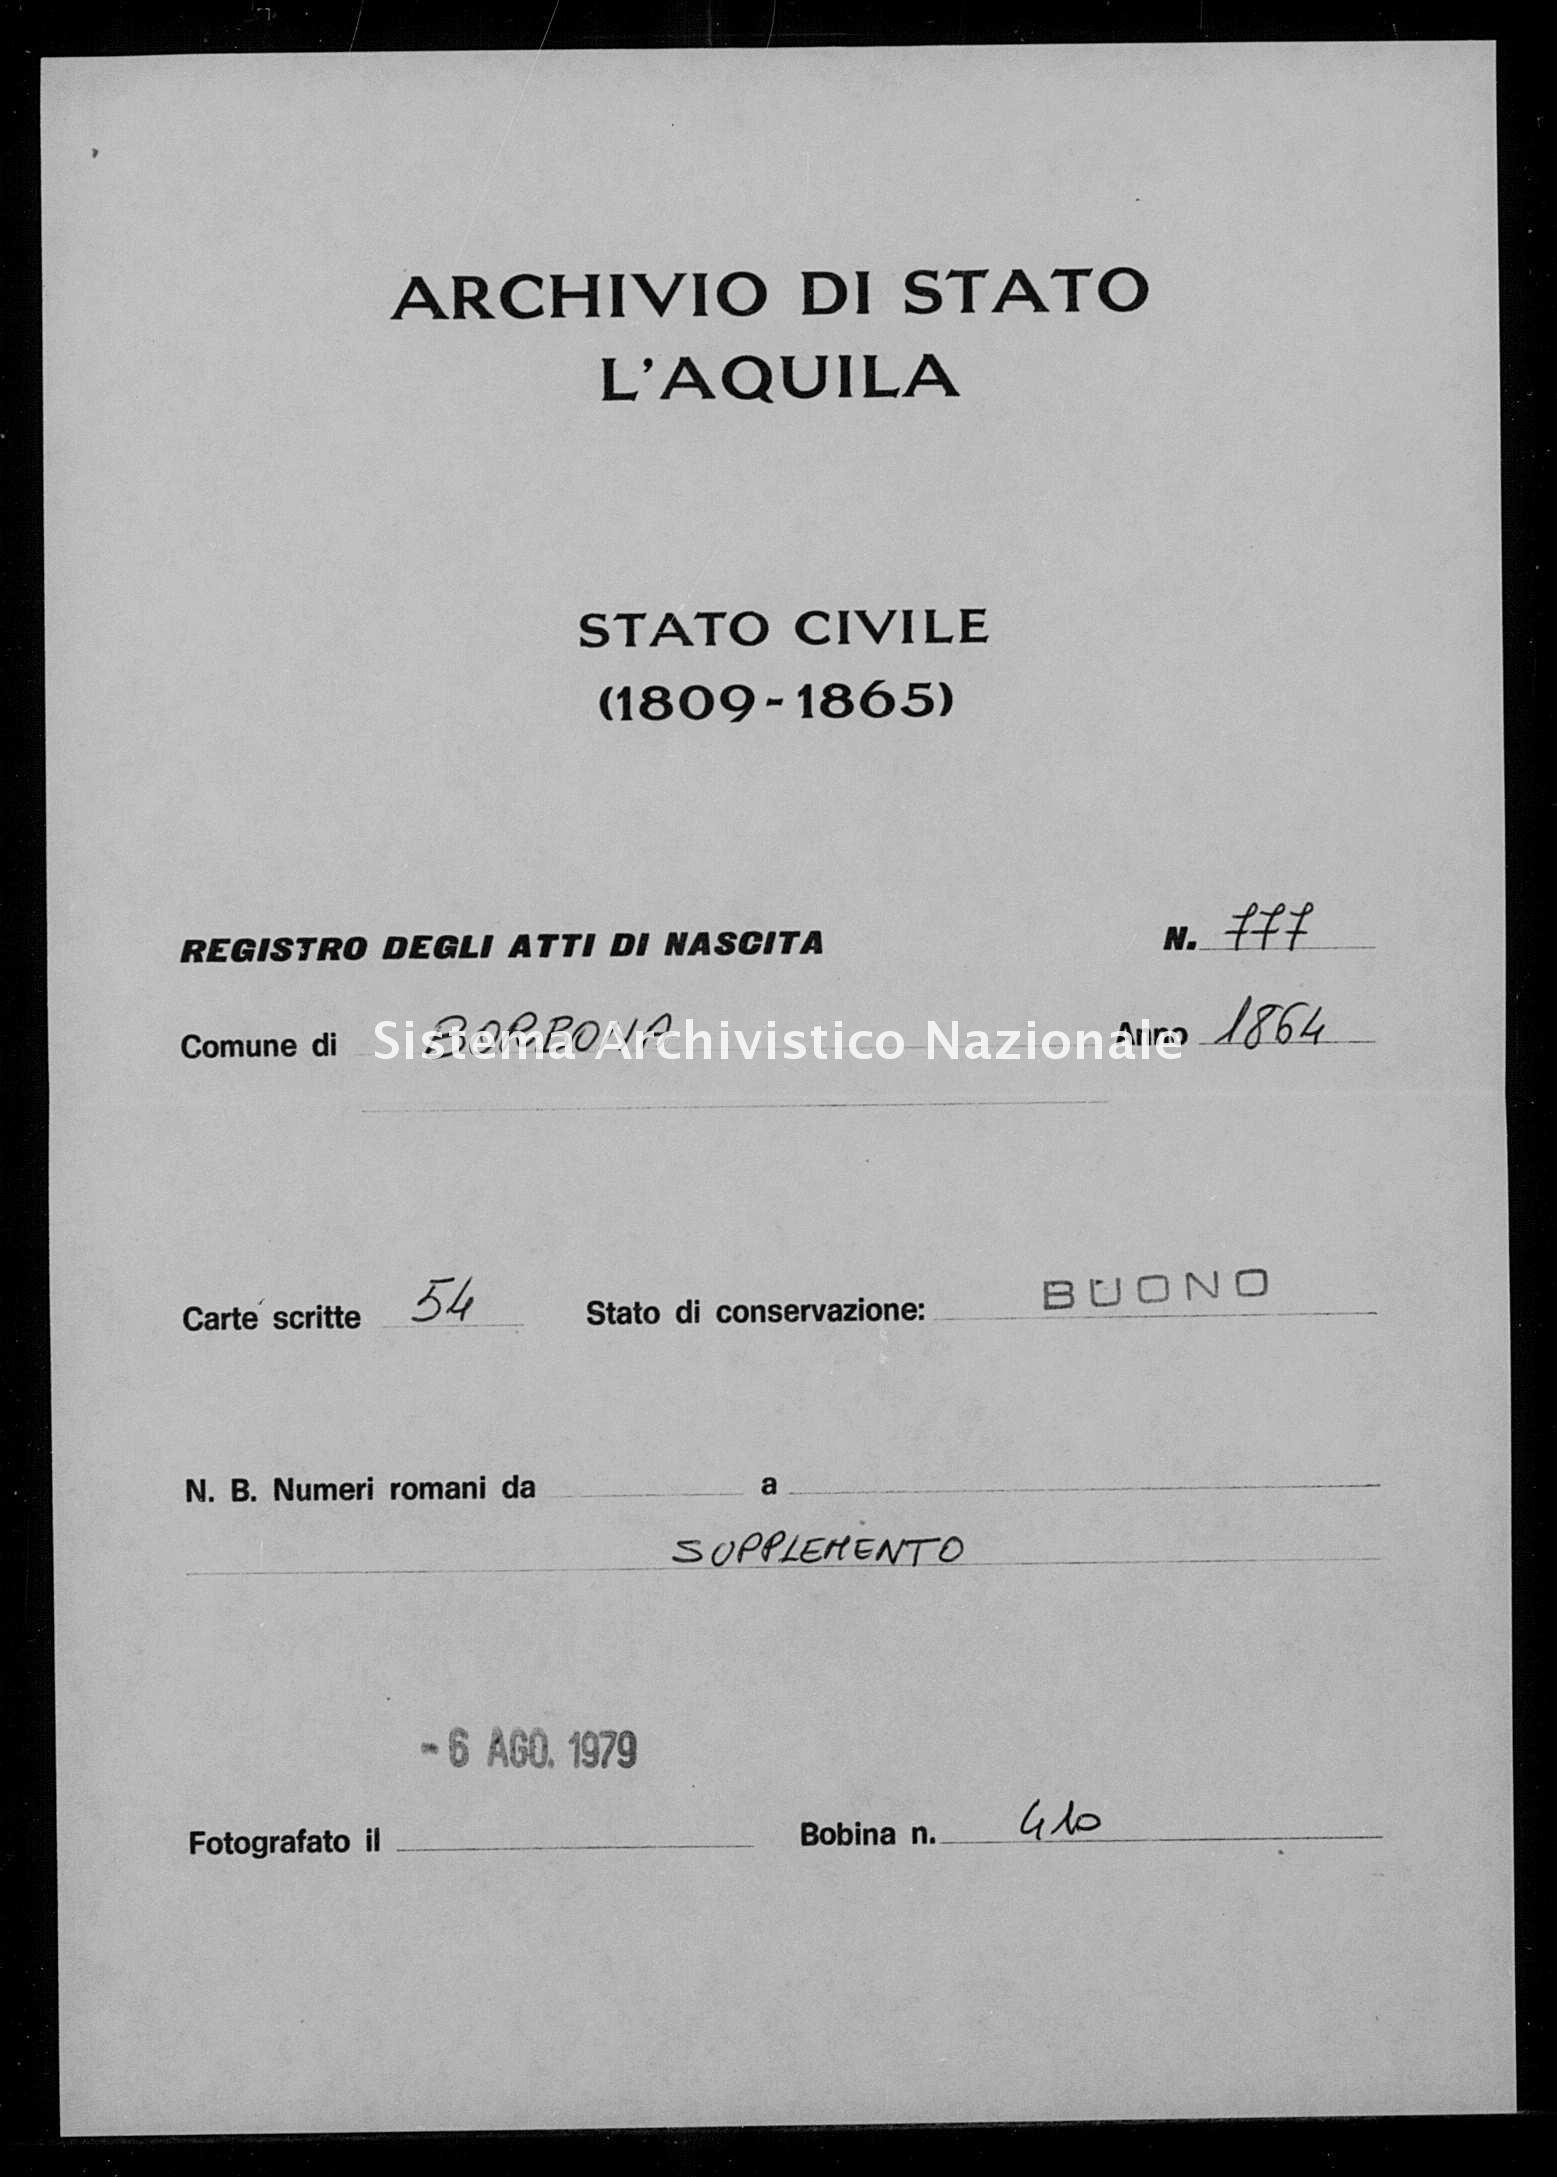 Archivio di stato di L'aquila - Stato civile italiano - Borbona - Nati, battesimi - 1864 - 777 -